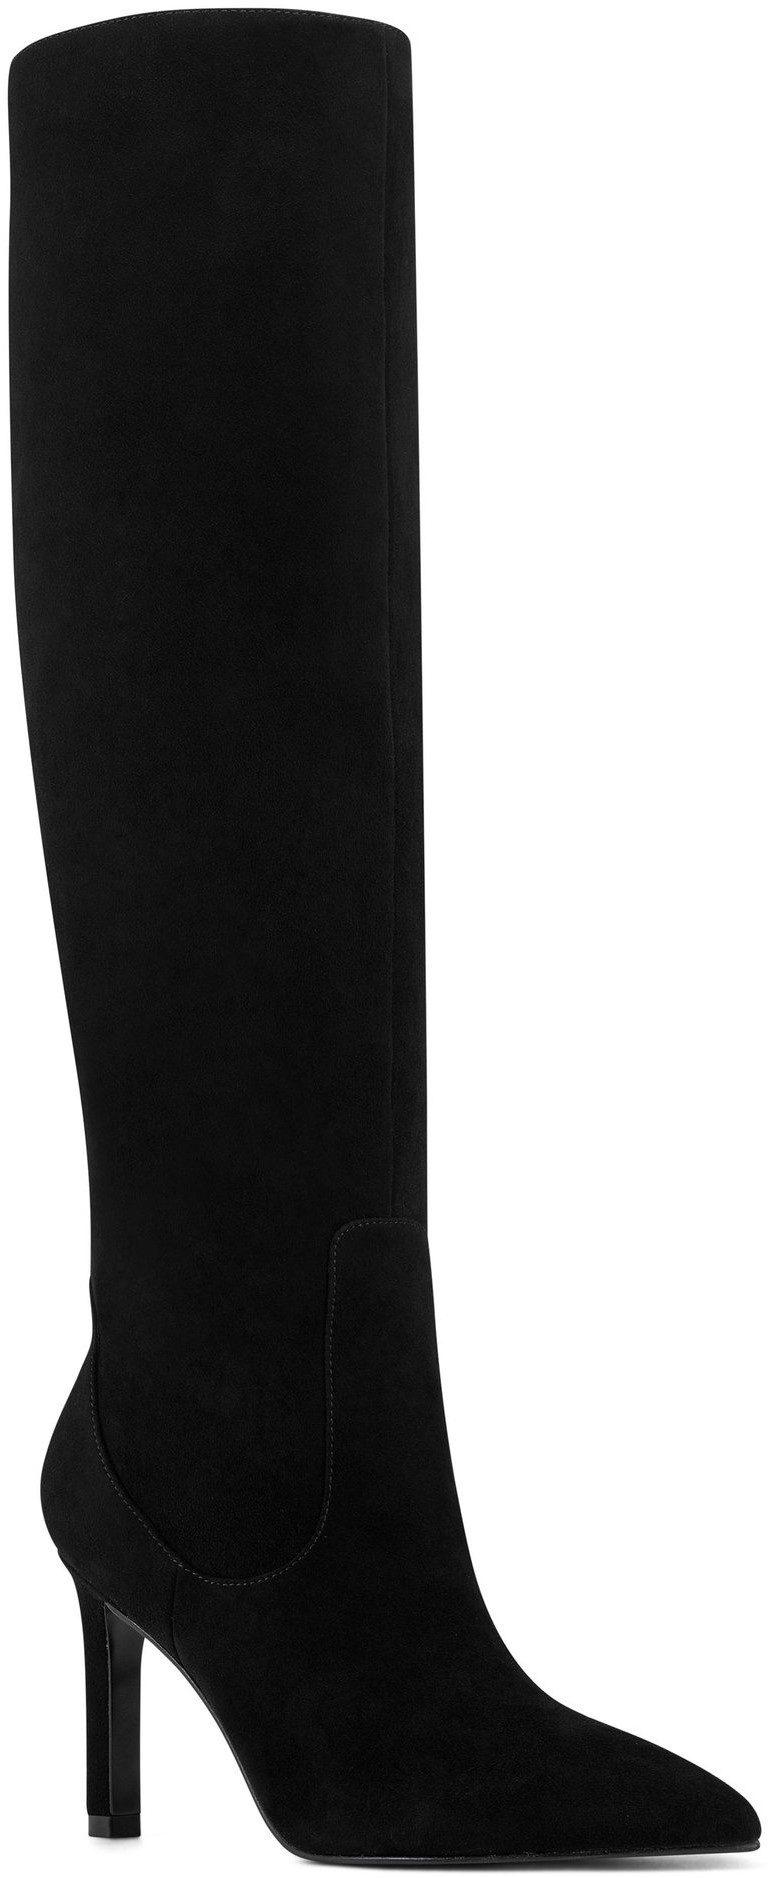 Black Suede Maxim Heel Boots-Nine West